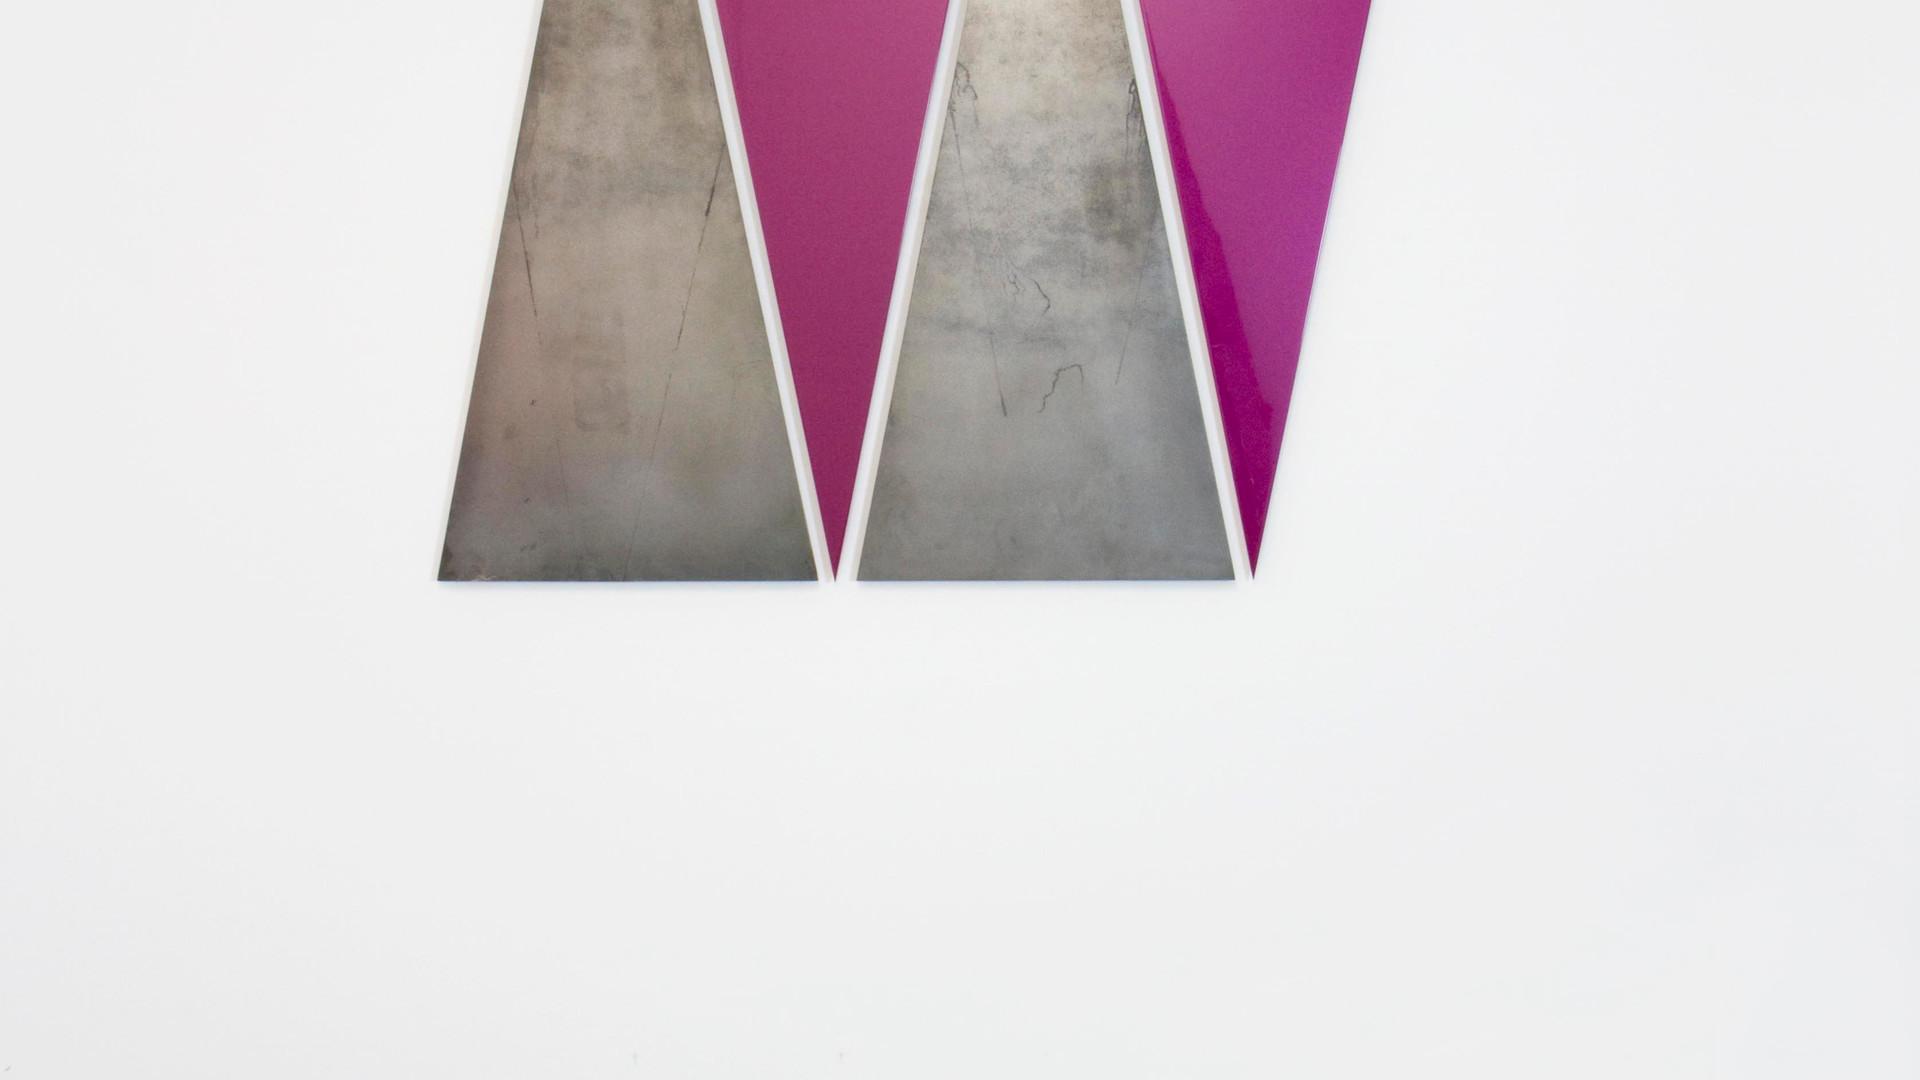 No. 614 L Triangles, 2015